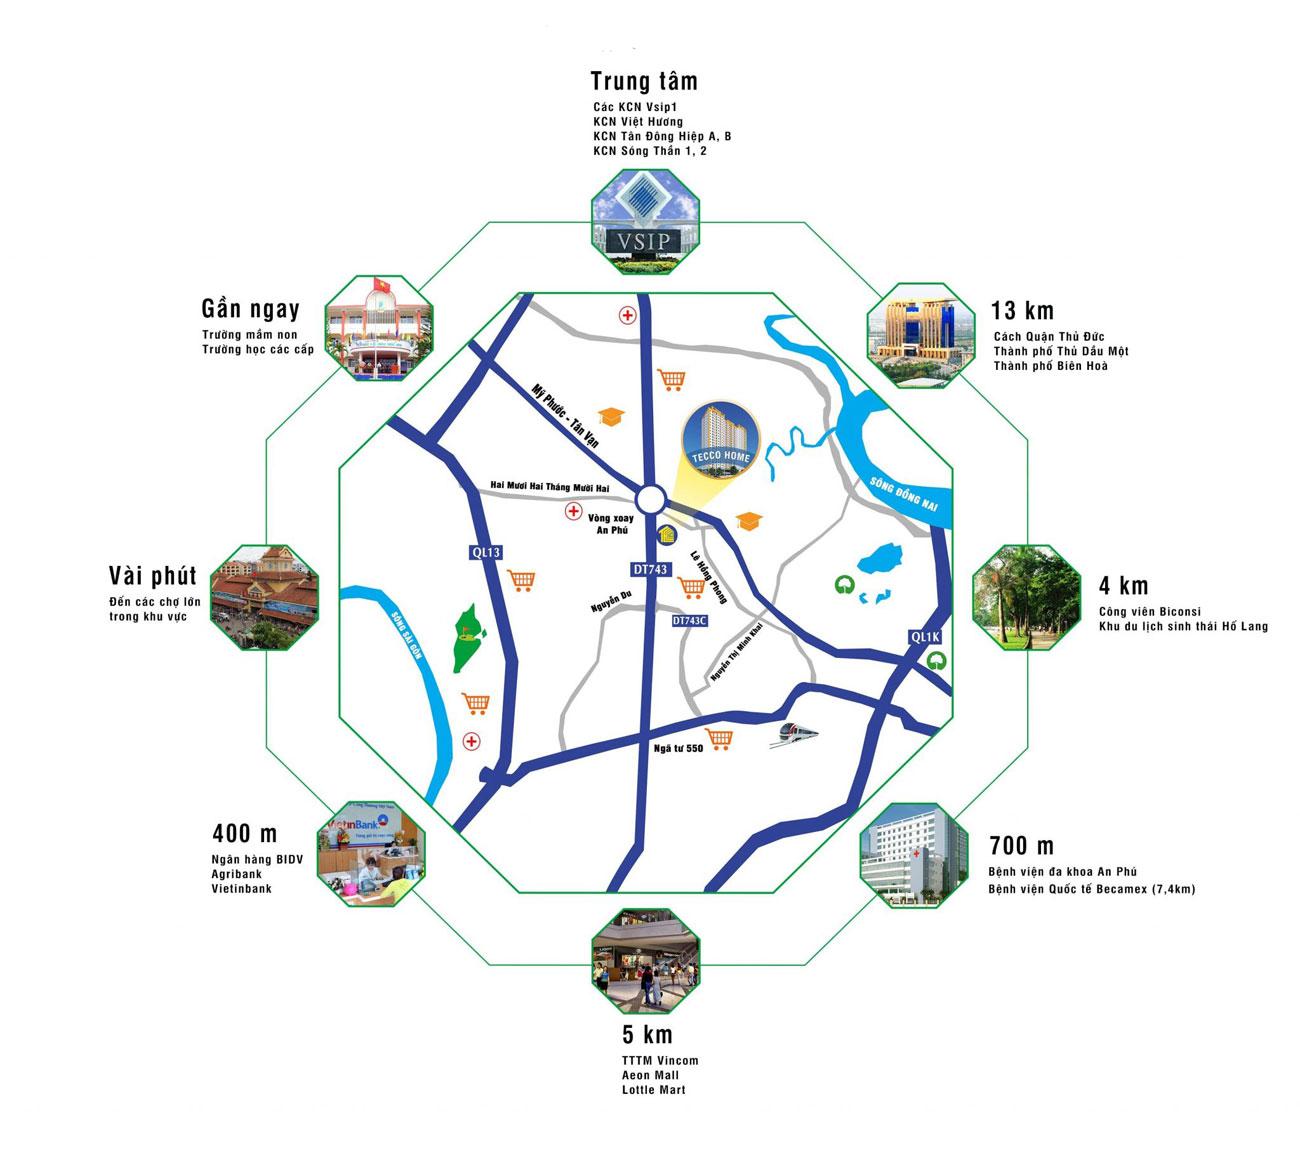 Vị trí dự án căn hộ thương mại và chung cư Tecco Home An Phú